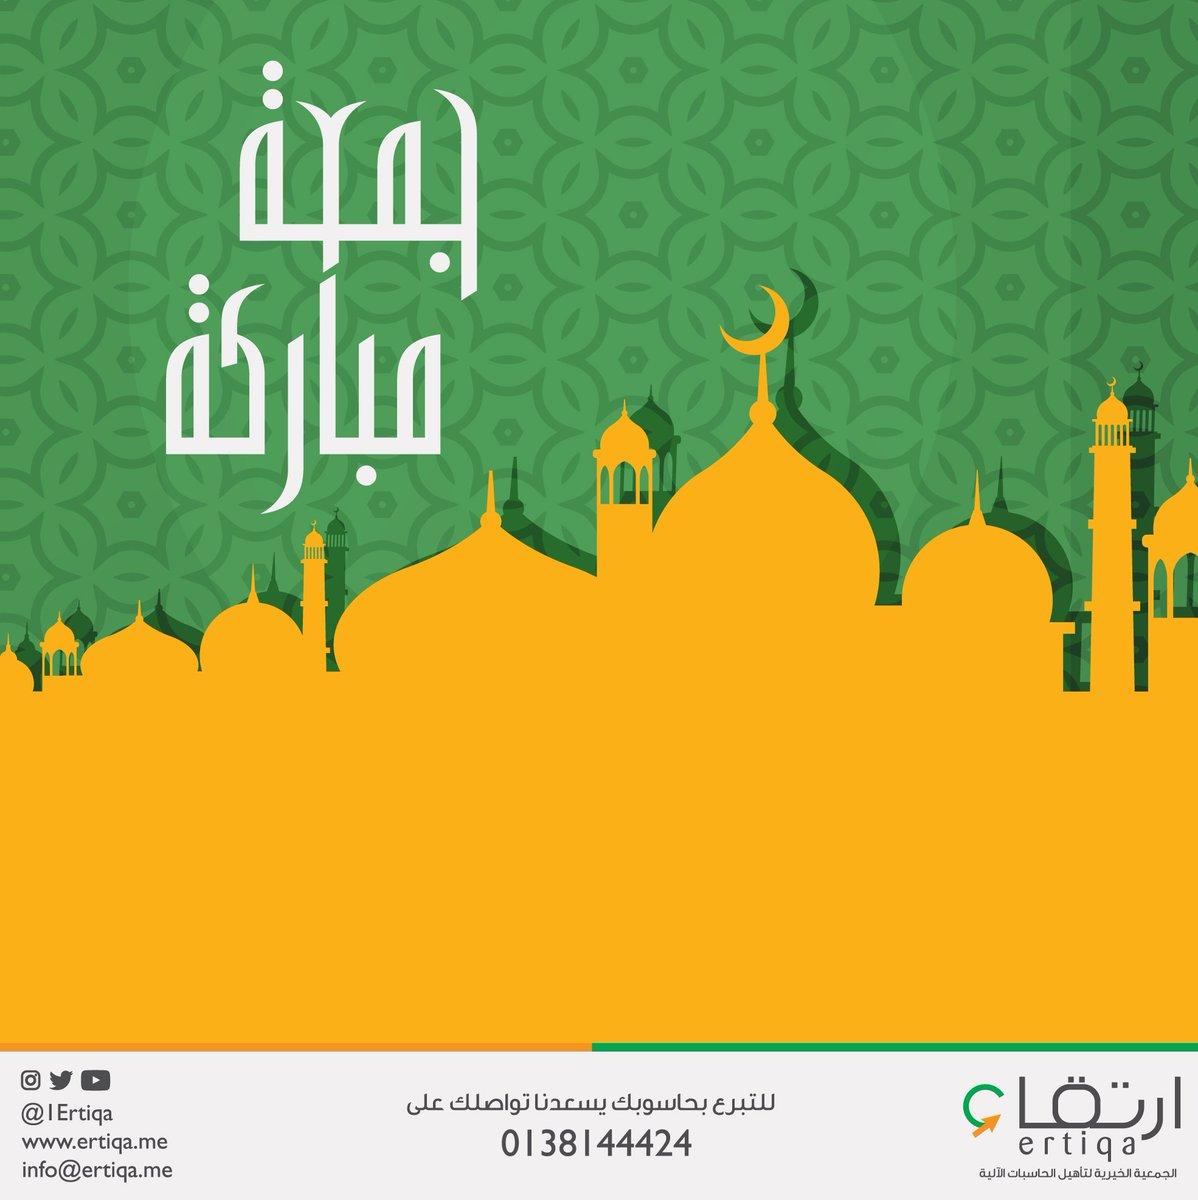 اللهم صل وسلم وبارك على سيدنا محمد و على آله وسلم تسليما   #ارتقاء  #ج...